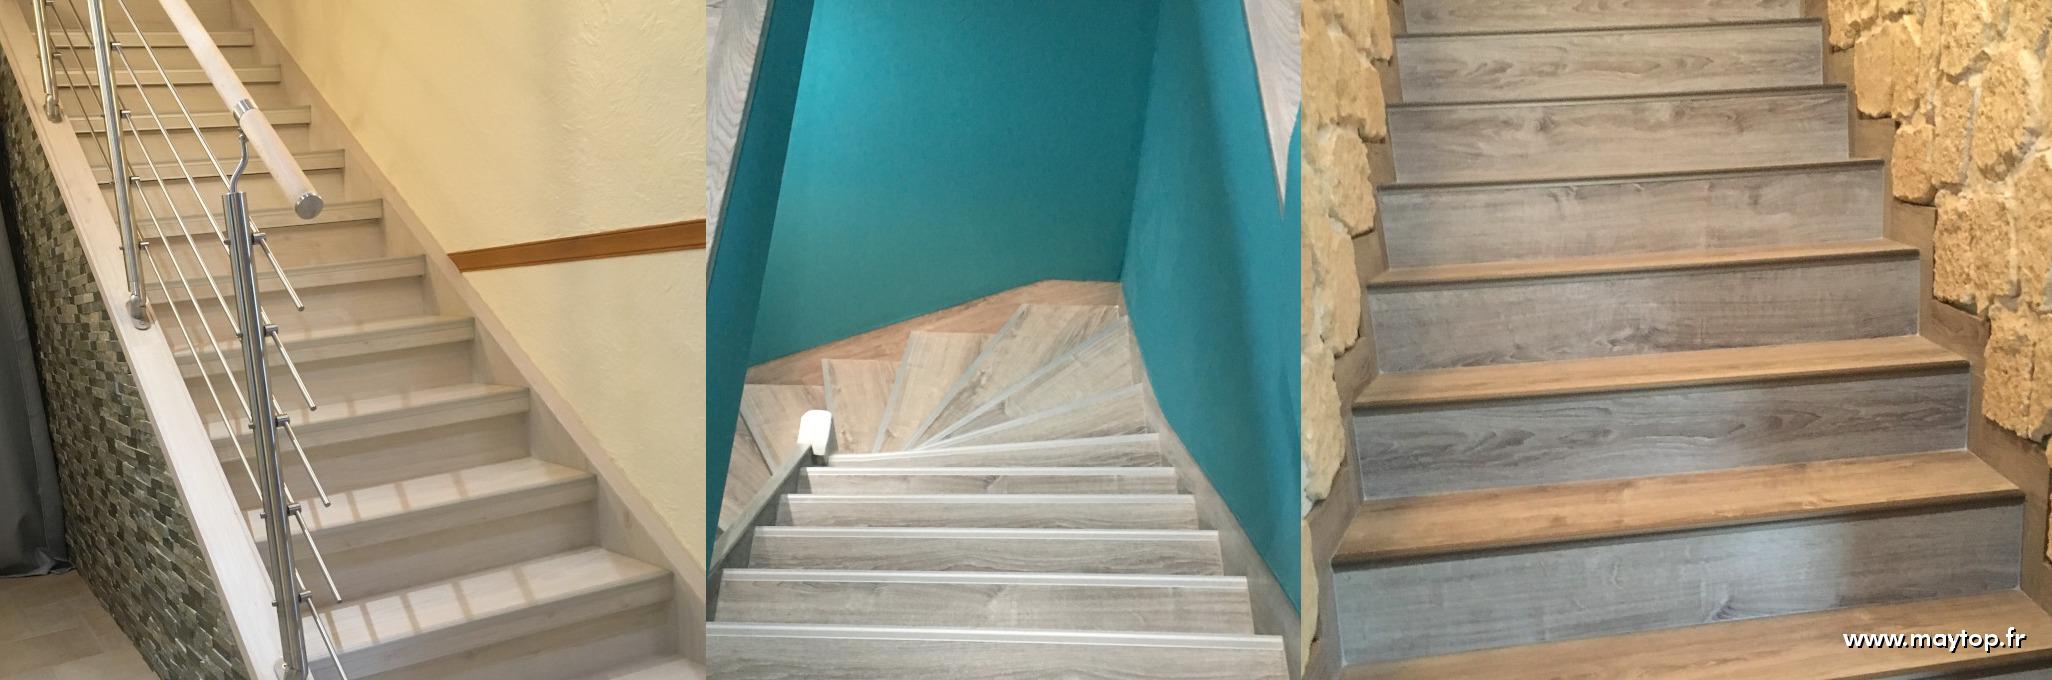 Réalisation rénovation de marches d'escaliers